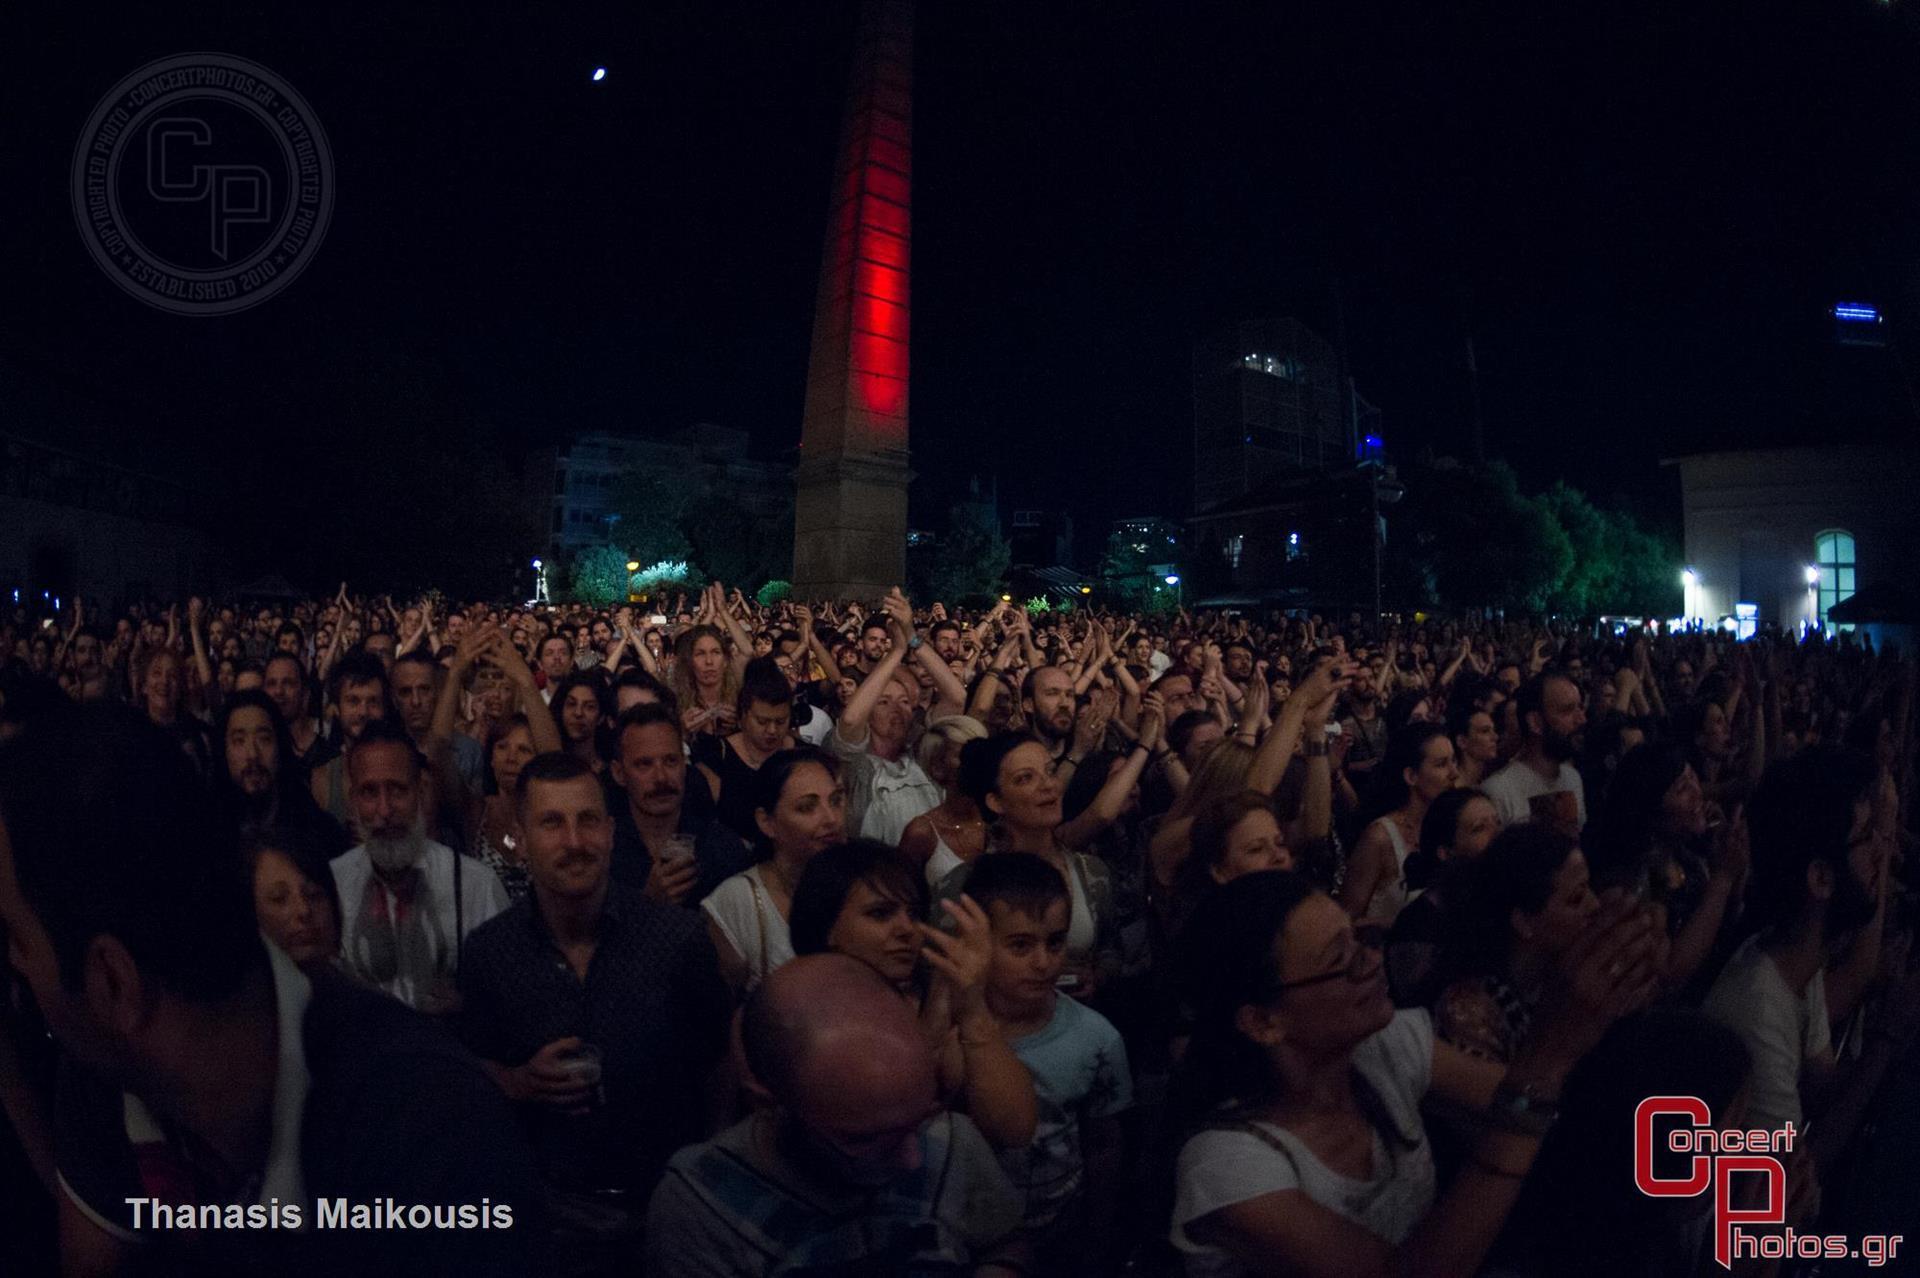 Asaf Avidan-Asaf Avidan photographer: Thanasis Maikousis - ConcertPhotos - 20150624_2104_27